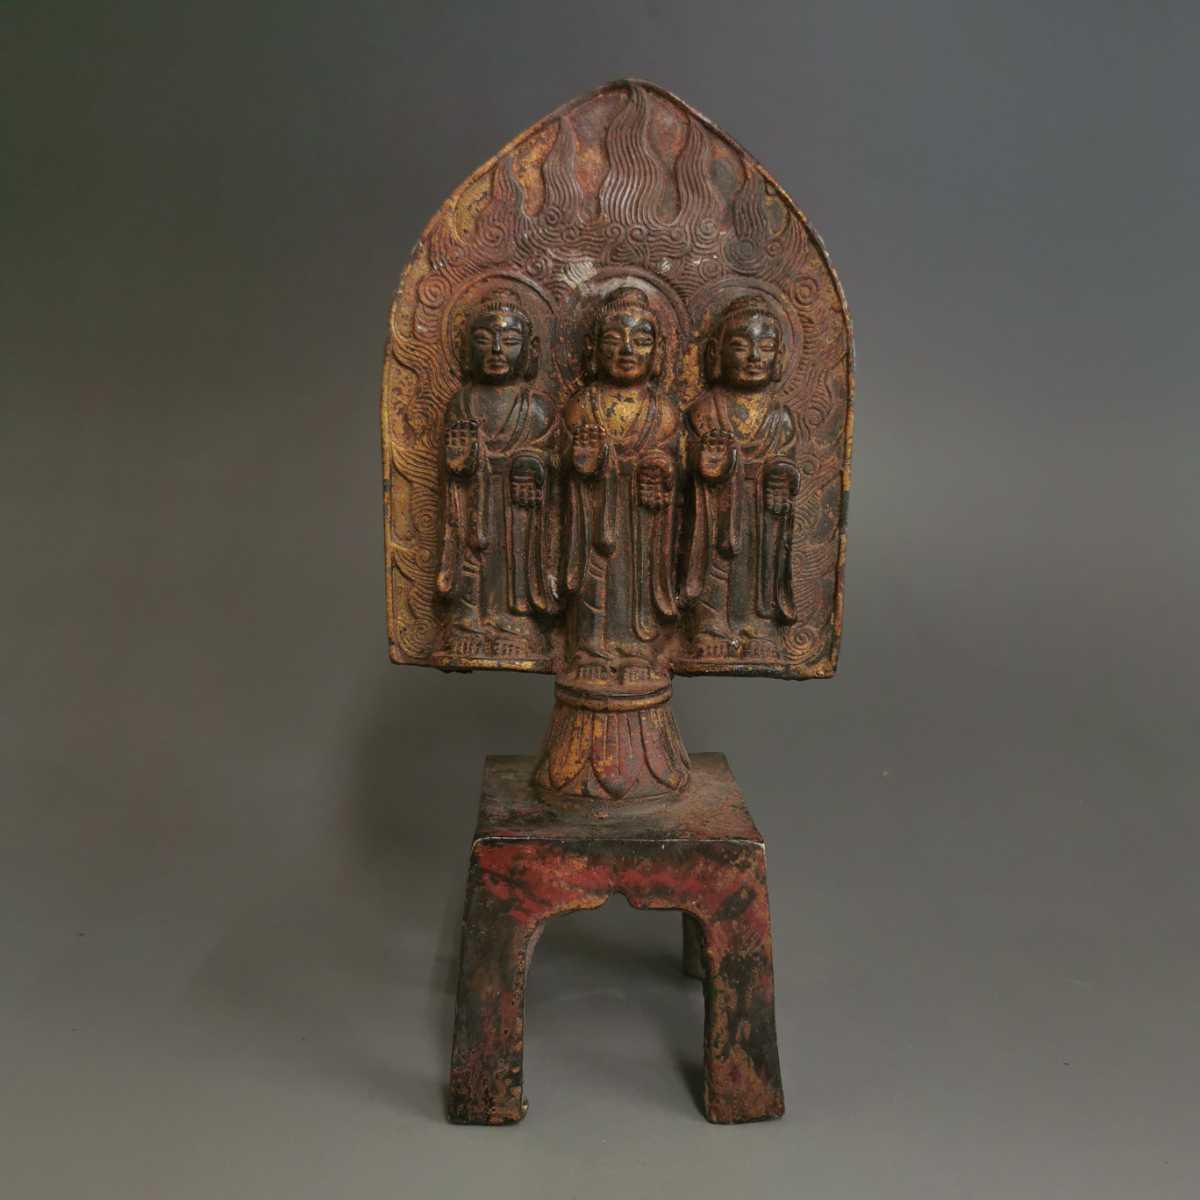 古仏 銅製 唐時代 北魏 魏晋 菩薩像 銅流金鍍金仏 仏教美術 泥金 古銅 仏教美術 時代物 お寺藏出